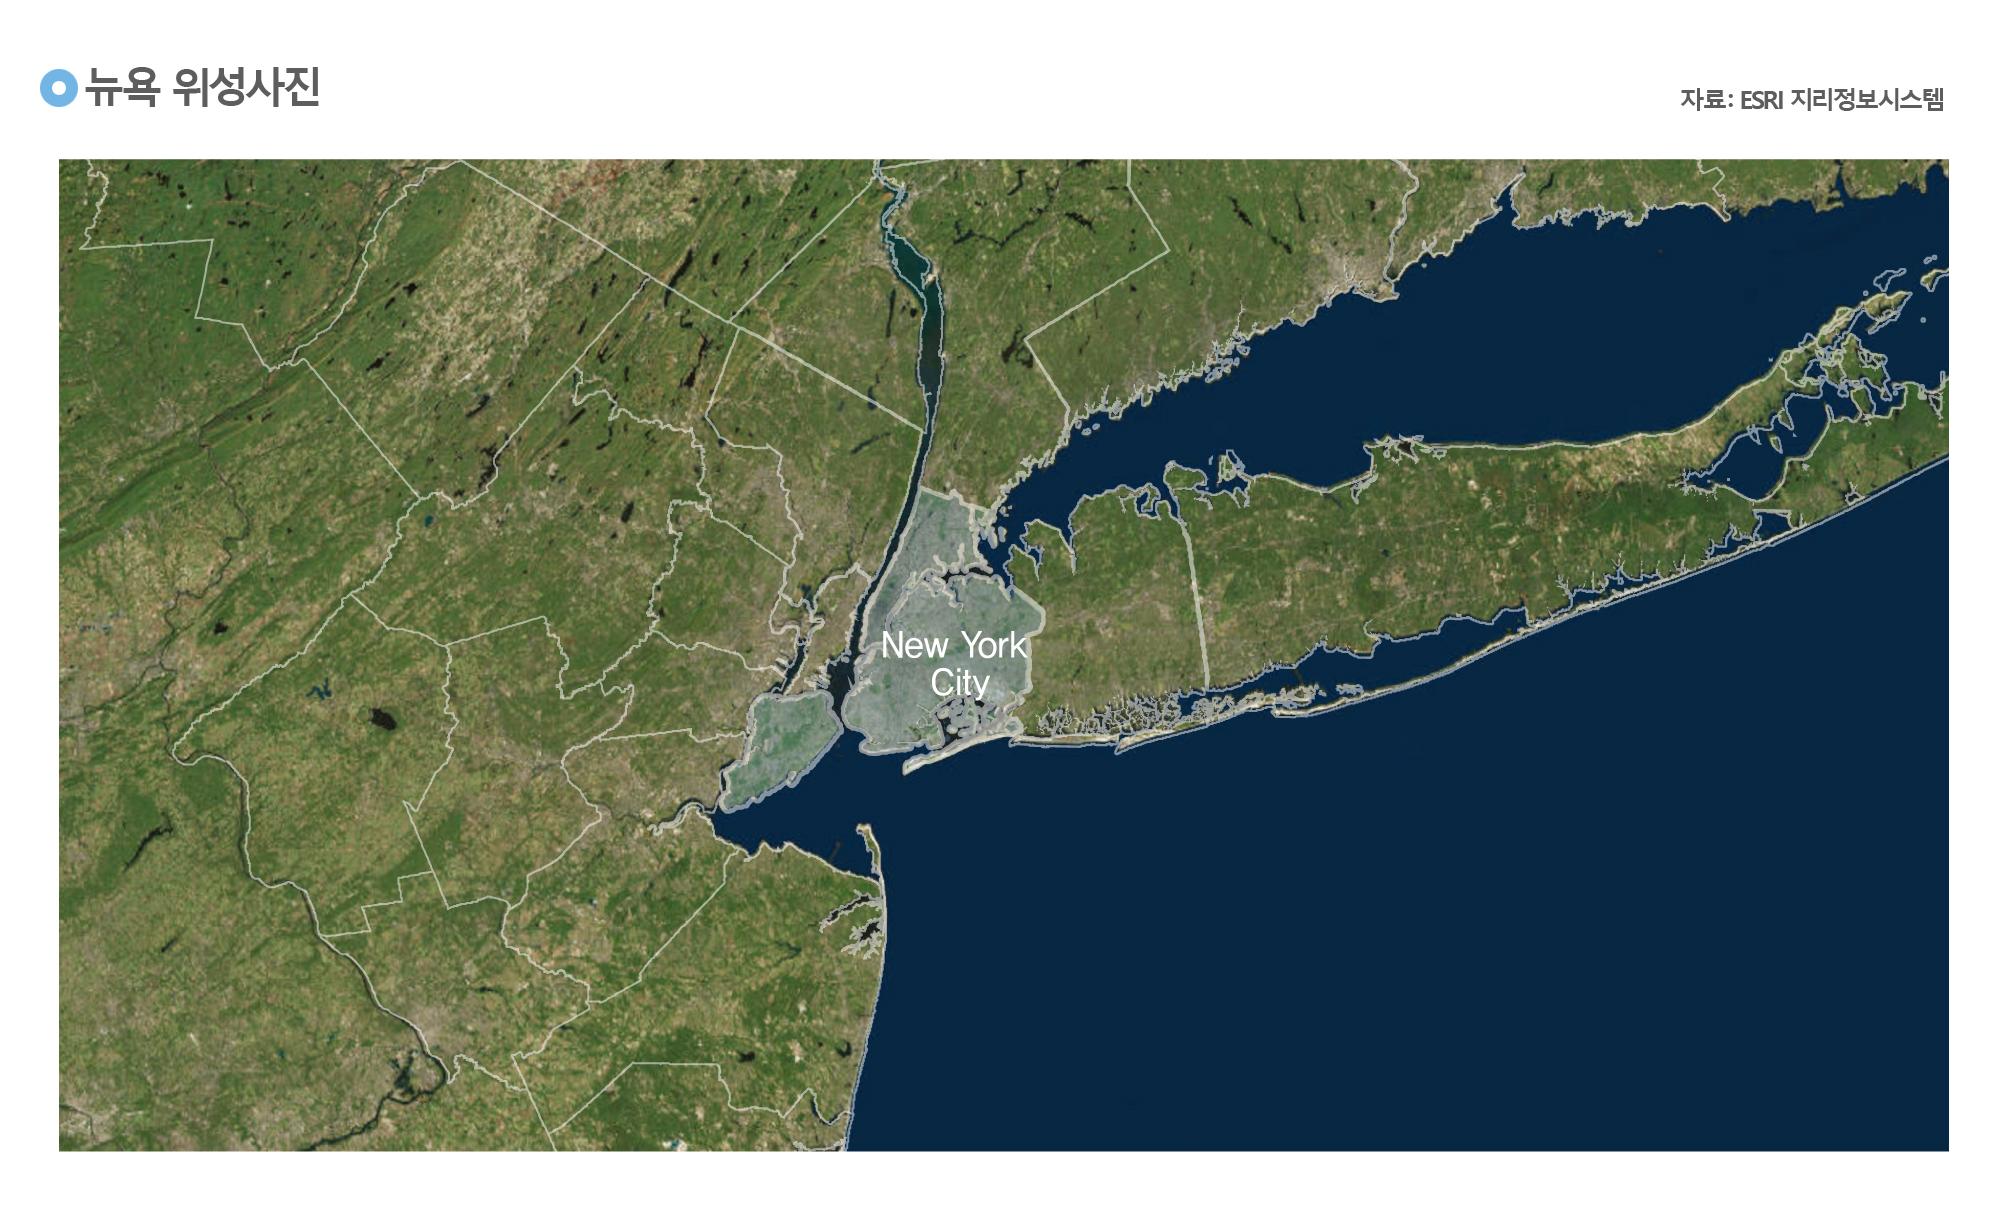 뉴욕 위성사진